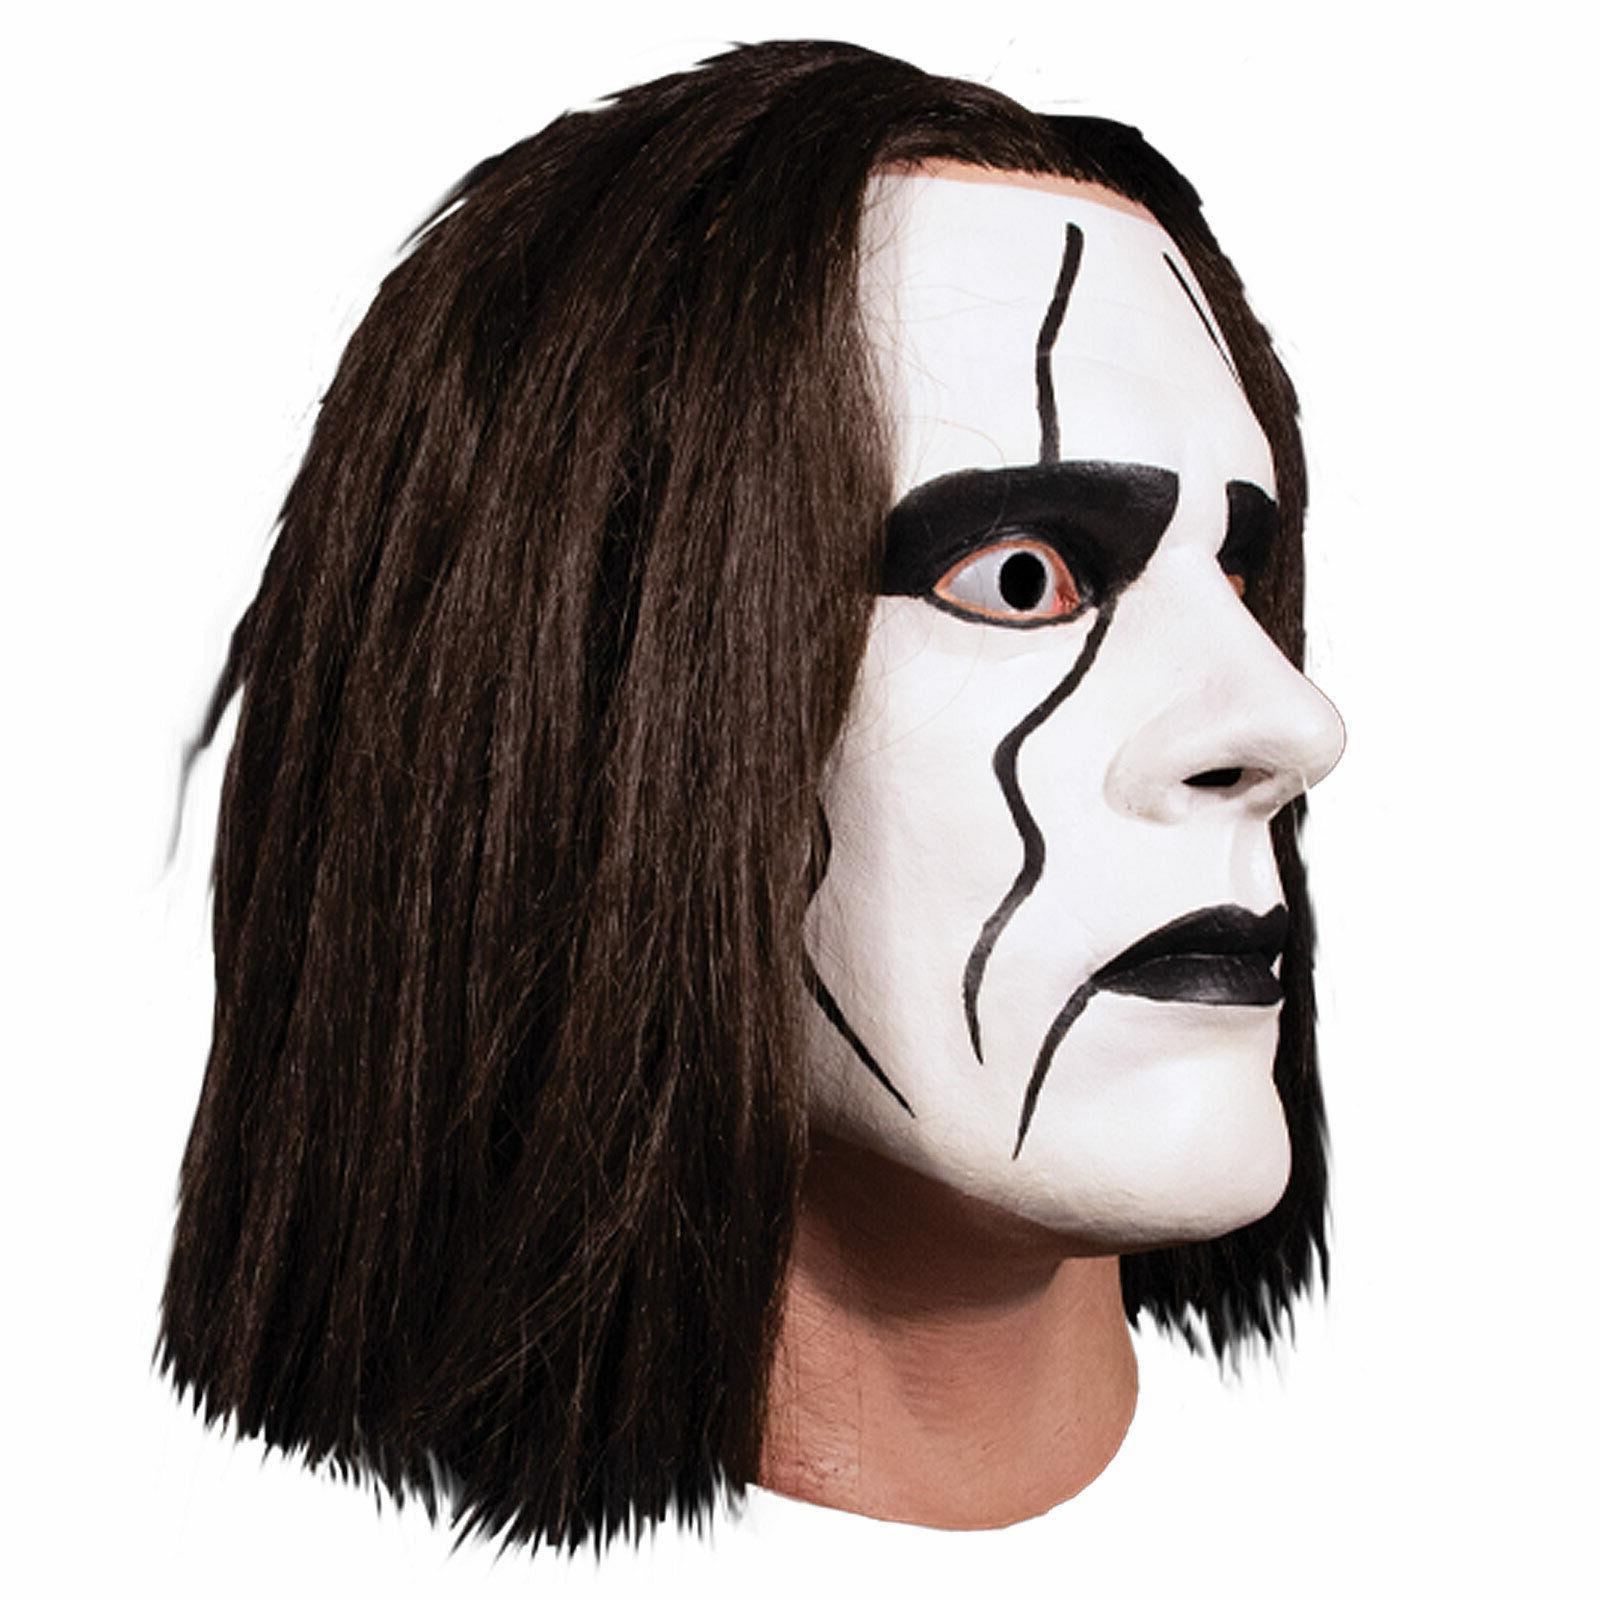 Adult Men's Sting Wrestler Halloween Latex Full